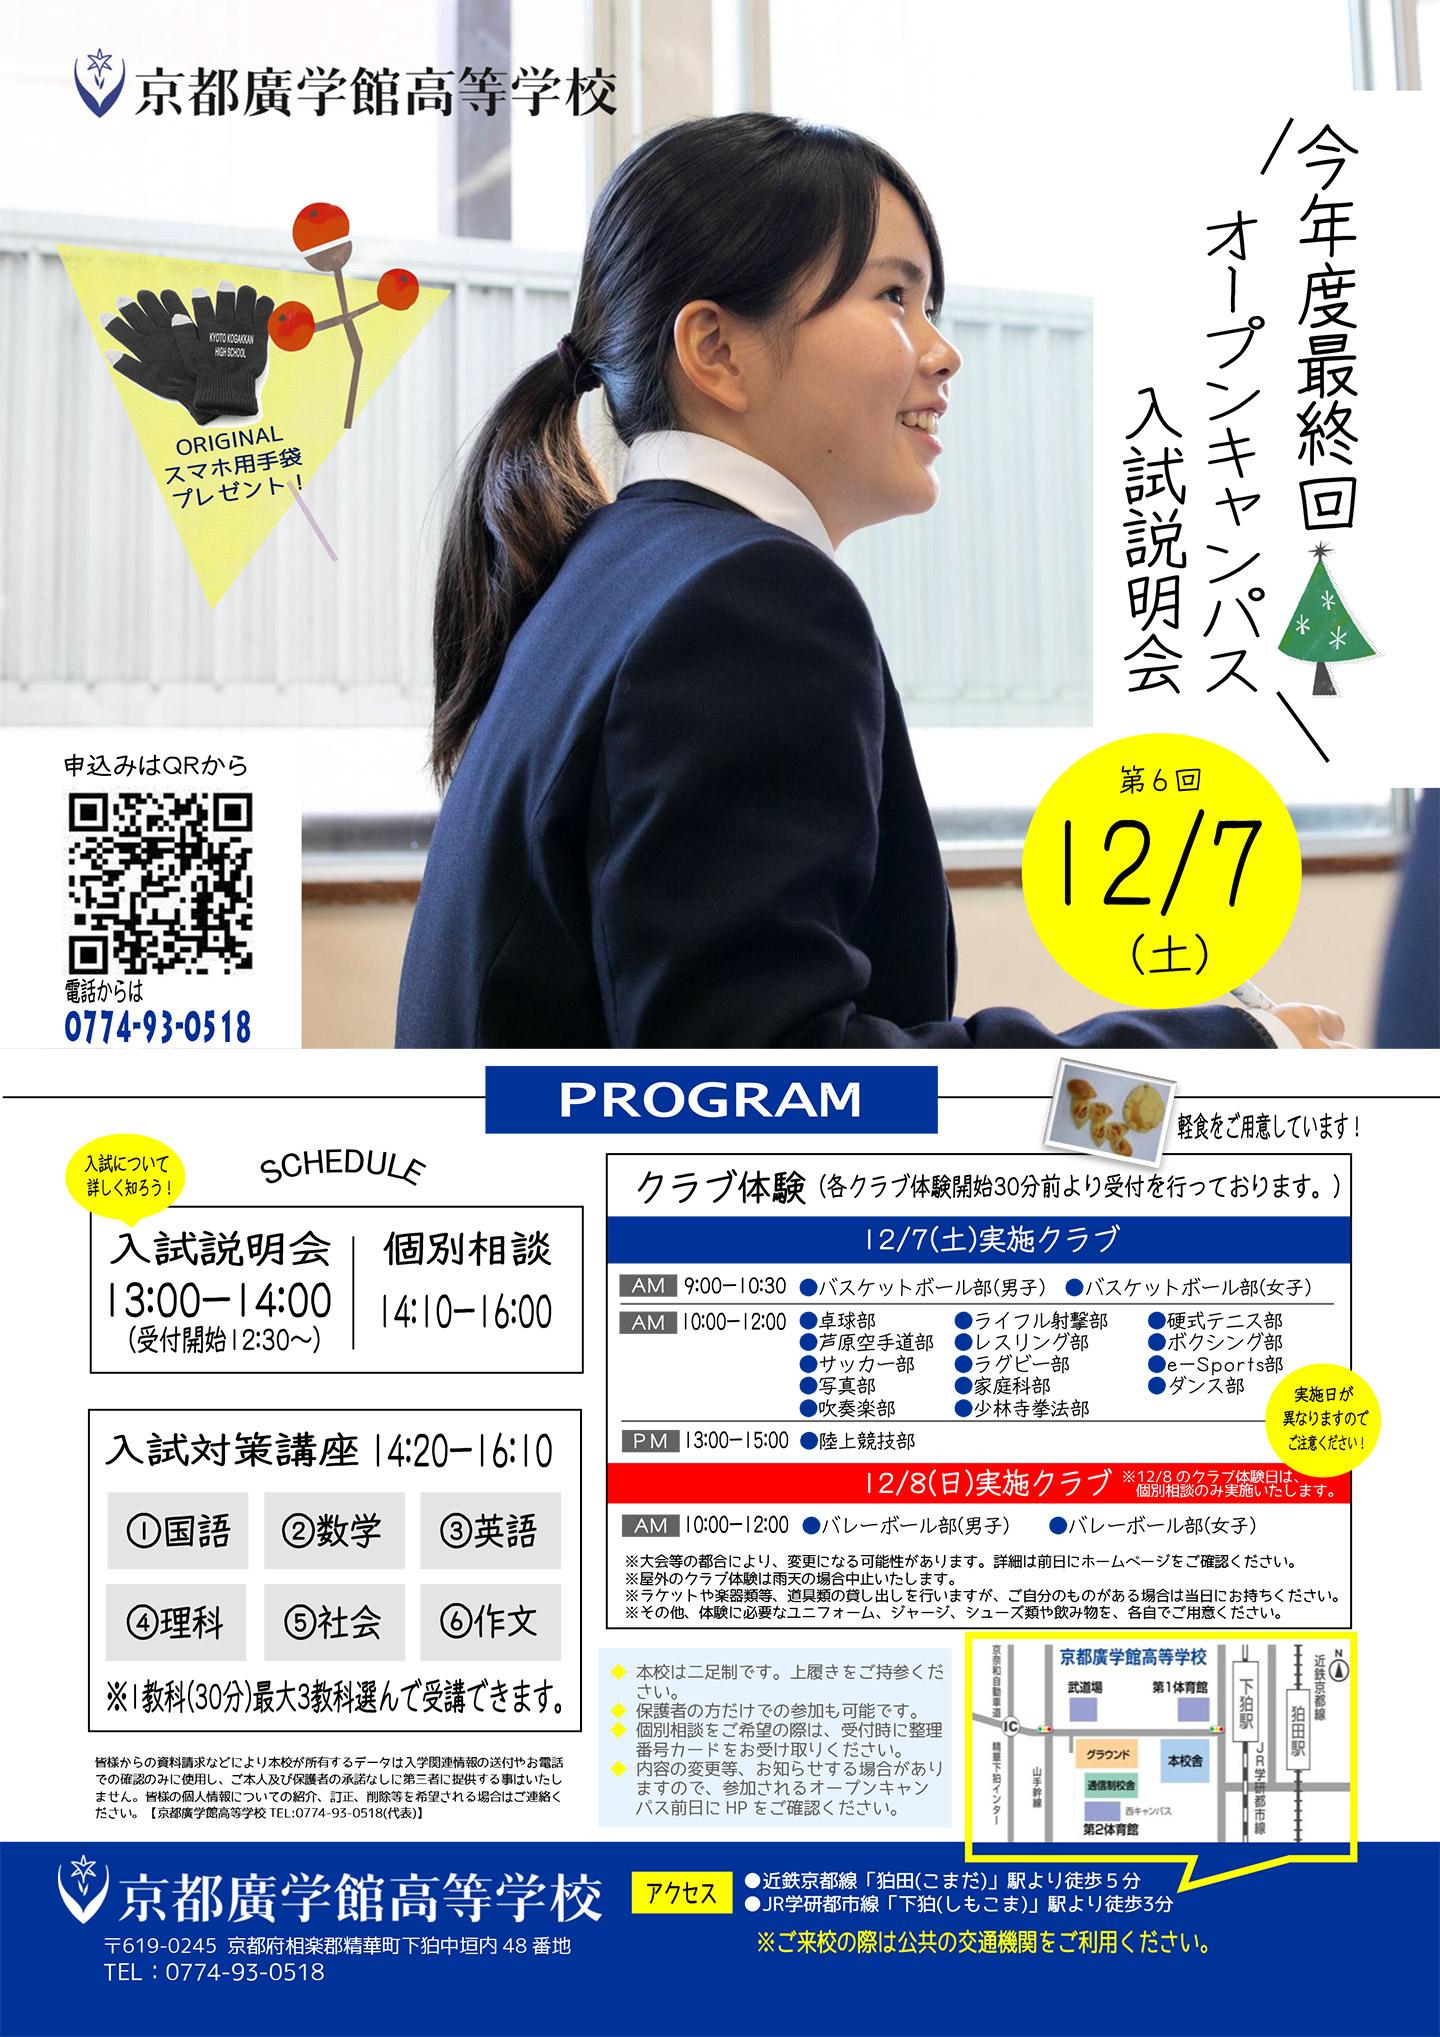 京都廣学館高等学校オープンキャンパス2019